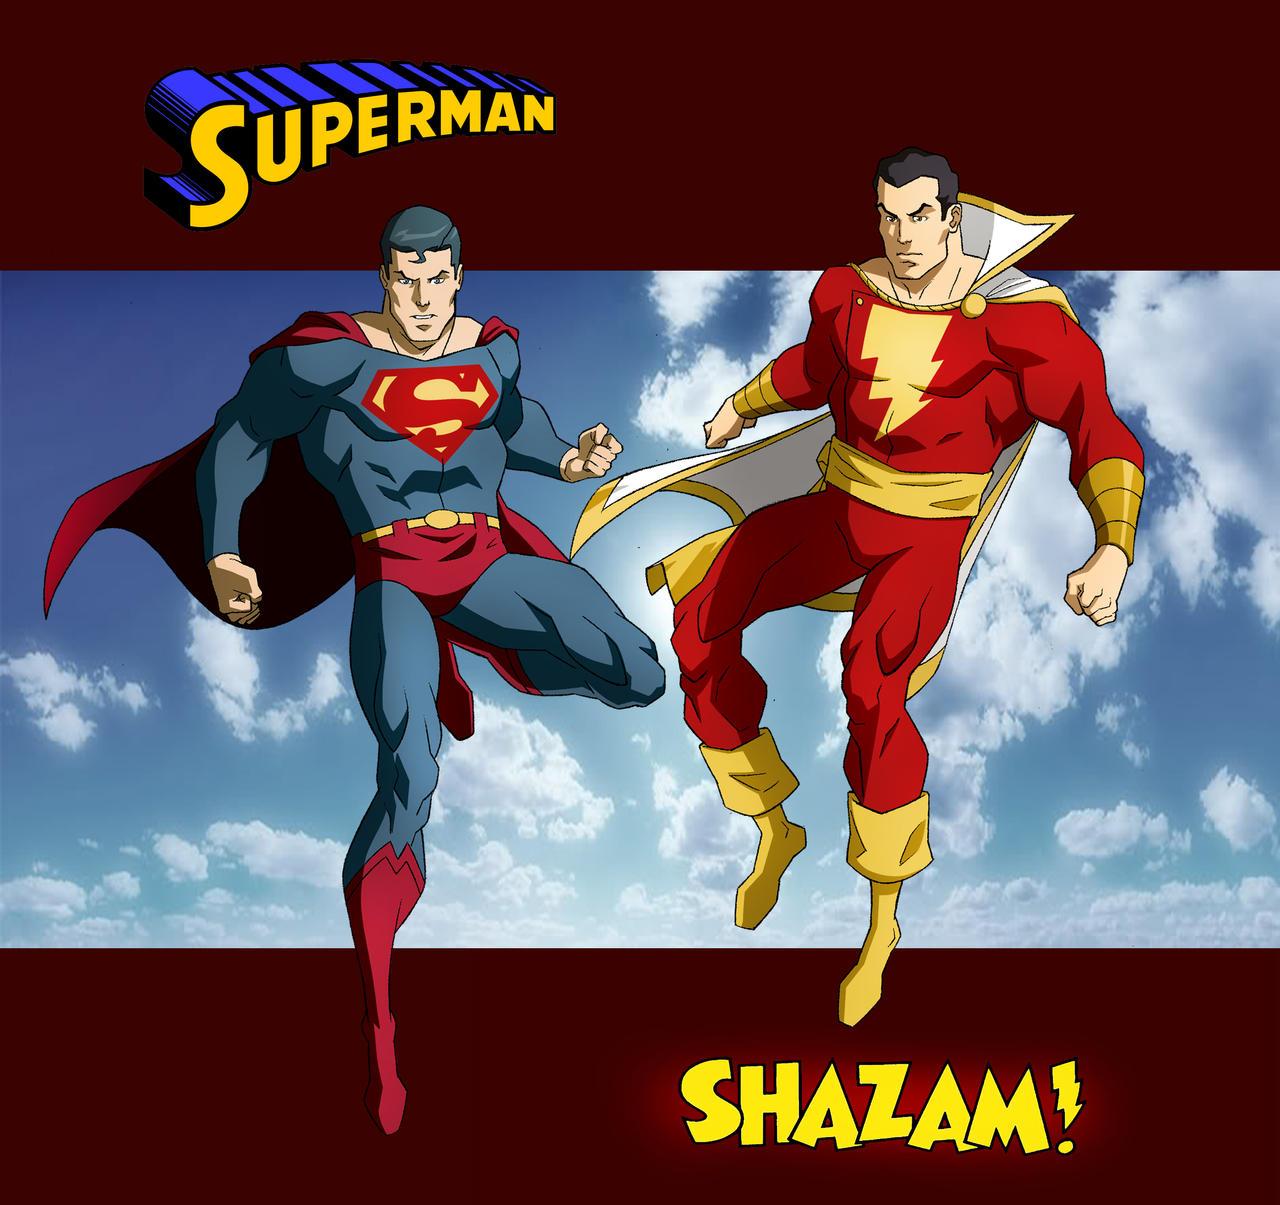 SUPERMAN SHAZAM By CHUBETO On DeviantArt